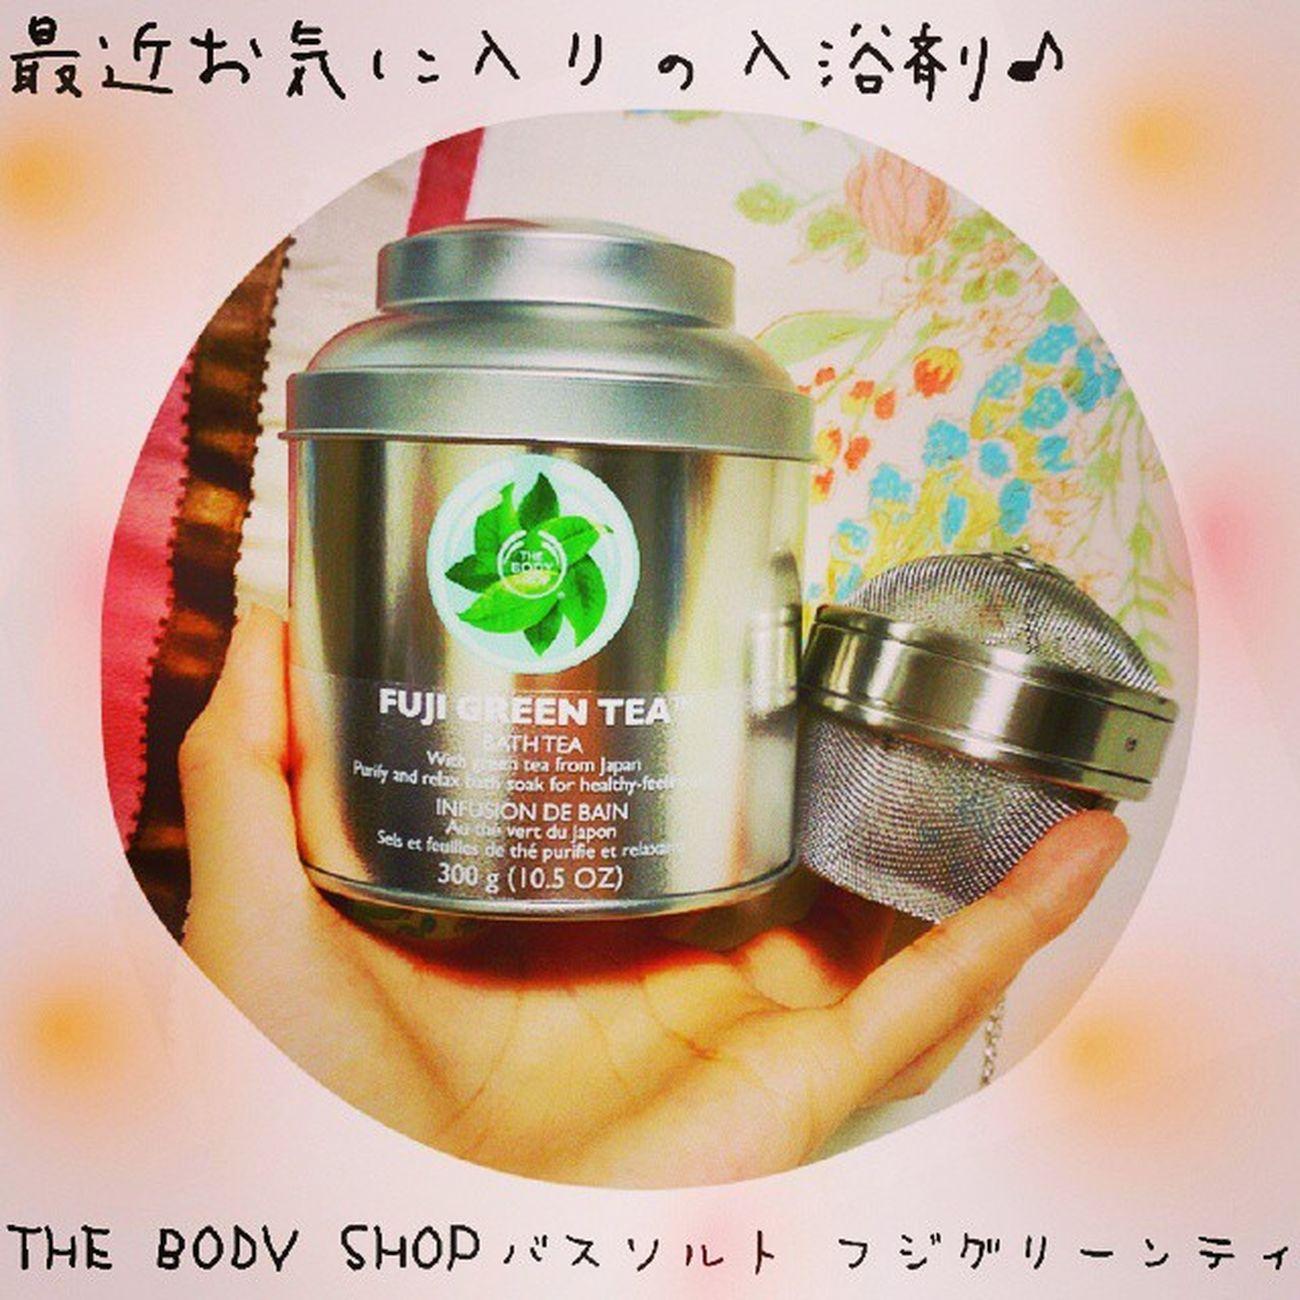 最近はバスソルトを使ってみてます。 THE BODY SHOPのお姉さんに限定盤で爽やか香りでおすすめです と言われて~(*´-`)♪ 購入。 インフューザーっていう、茶葉やバスソルトの残りがつまらないように専用のものもついていて使いやすいです。 他のバスソルトでも使えてgood~♪ バスソルト 入浴剤 お気に入り Thebodyshop フジグリーンティ インフューザー 良い香り